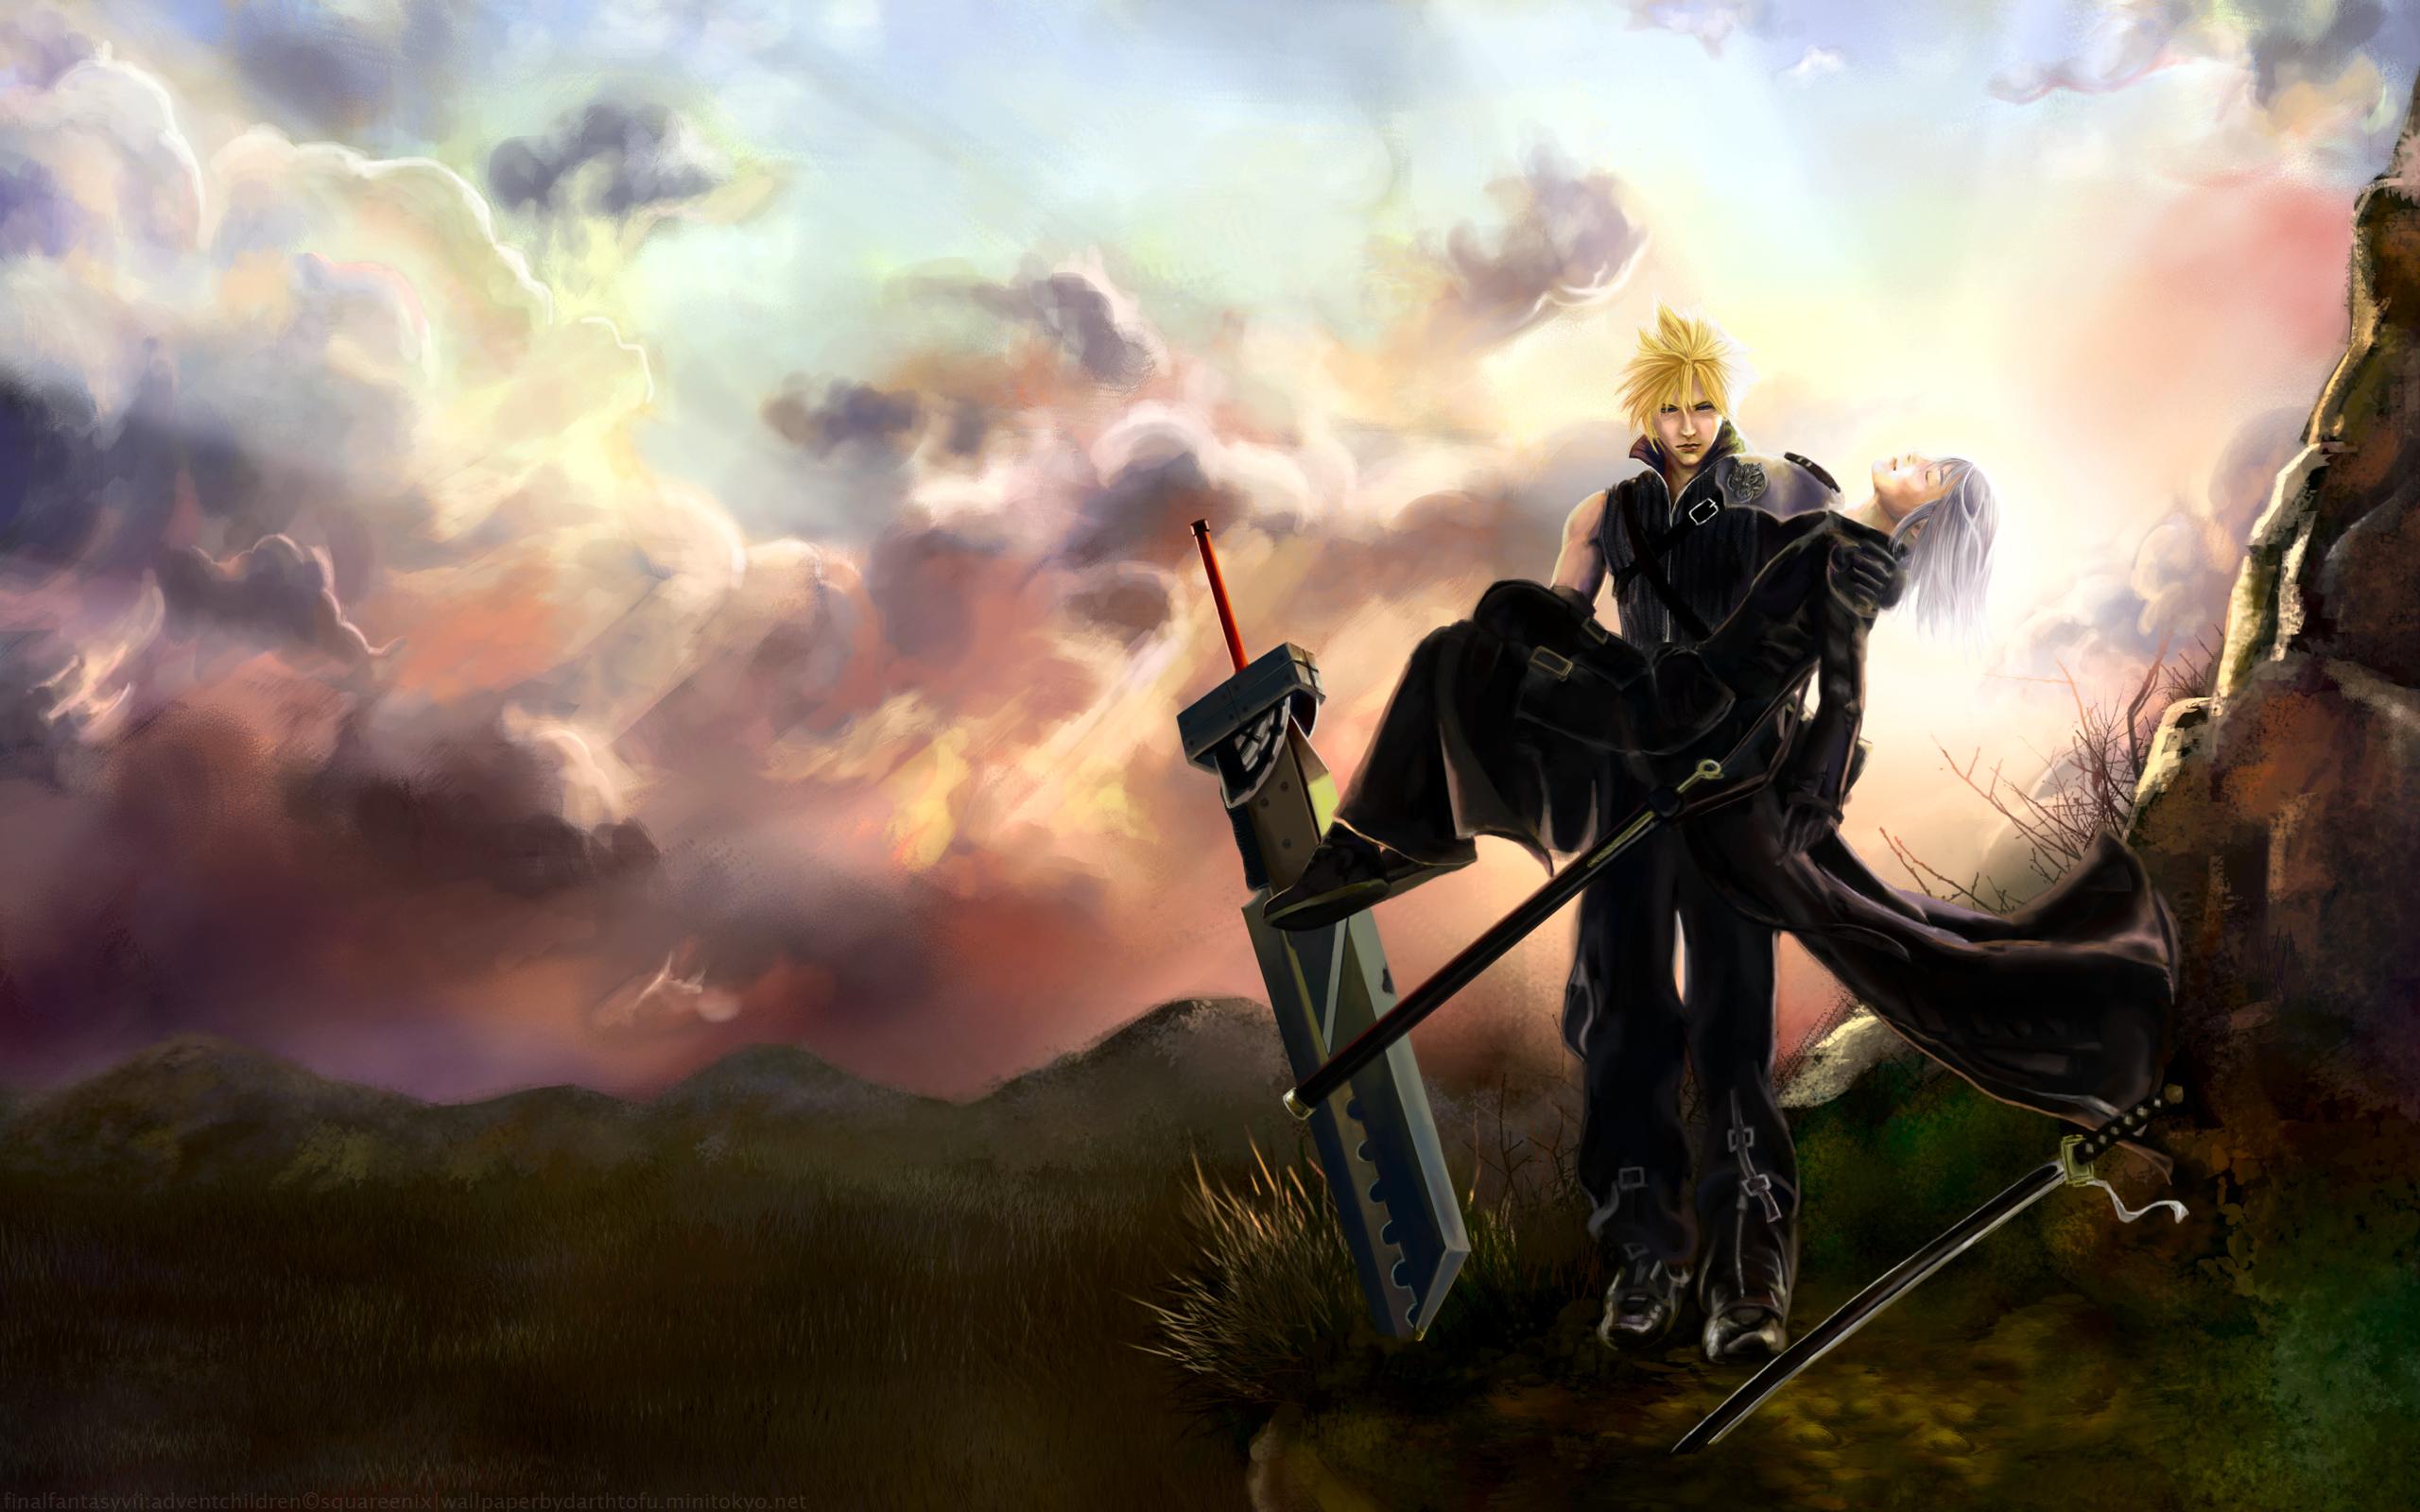 Final Fantasy Vii Hd Wallpaper 268245 Zerochan Anime Image Board